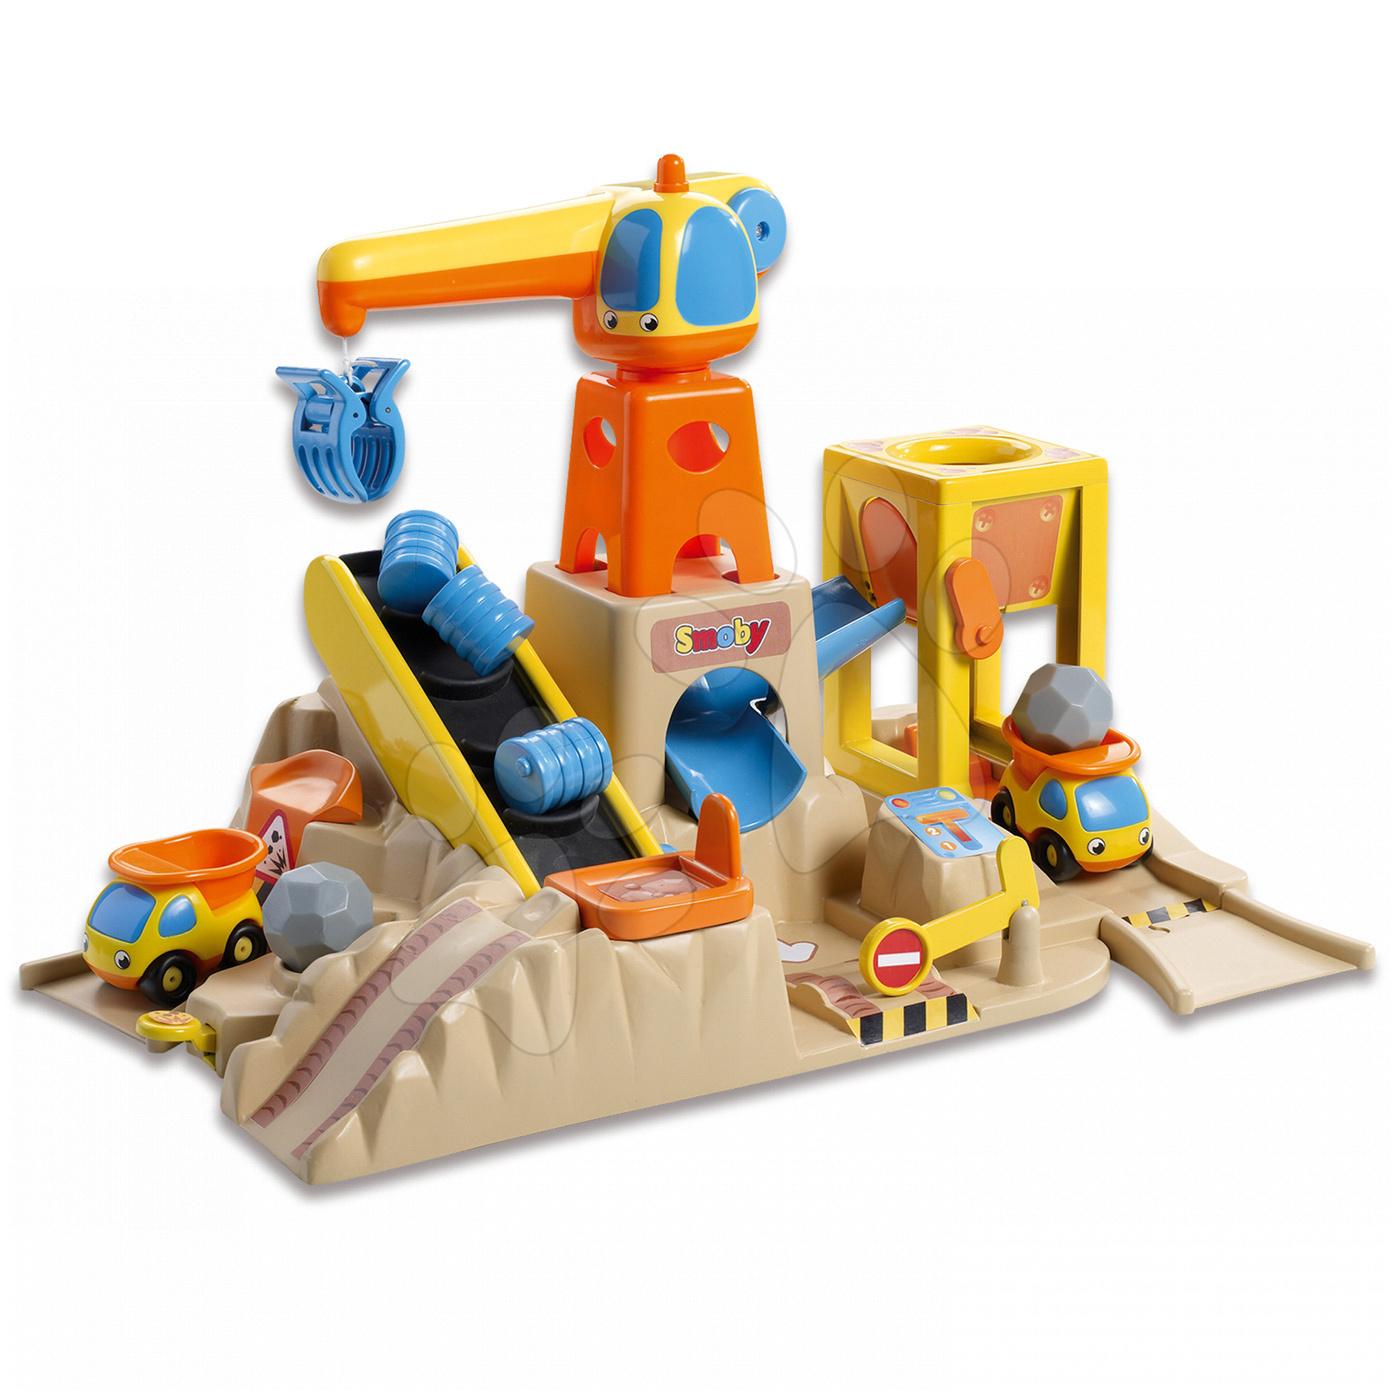 Stavební stroje - Stavební set Vroom Planet Smoby velký od 18 měsíců